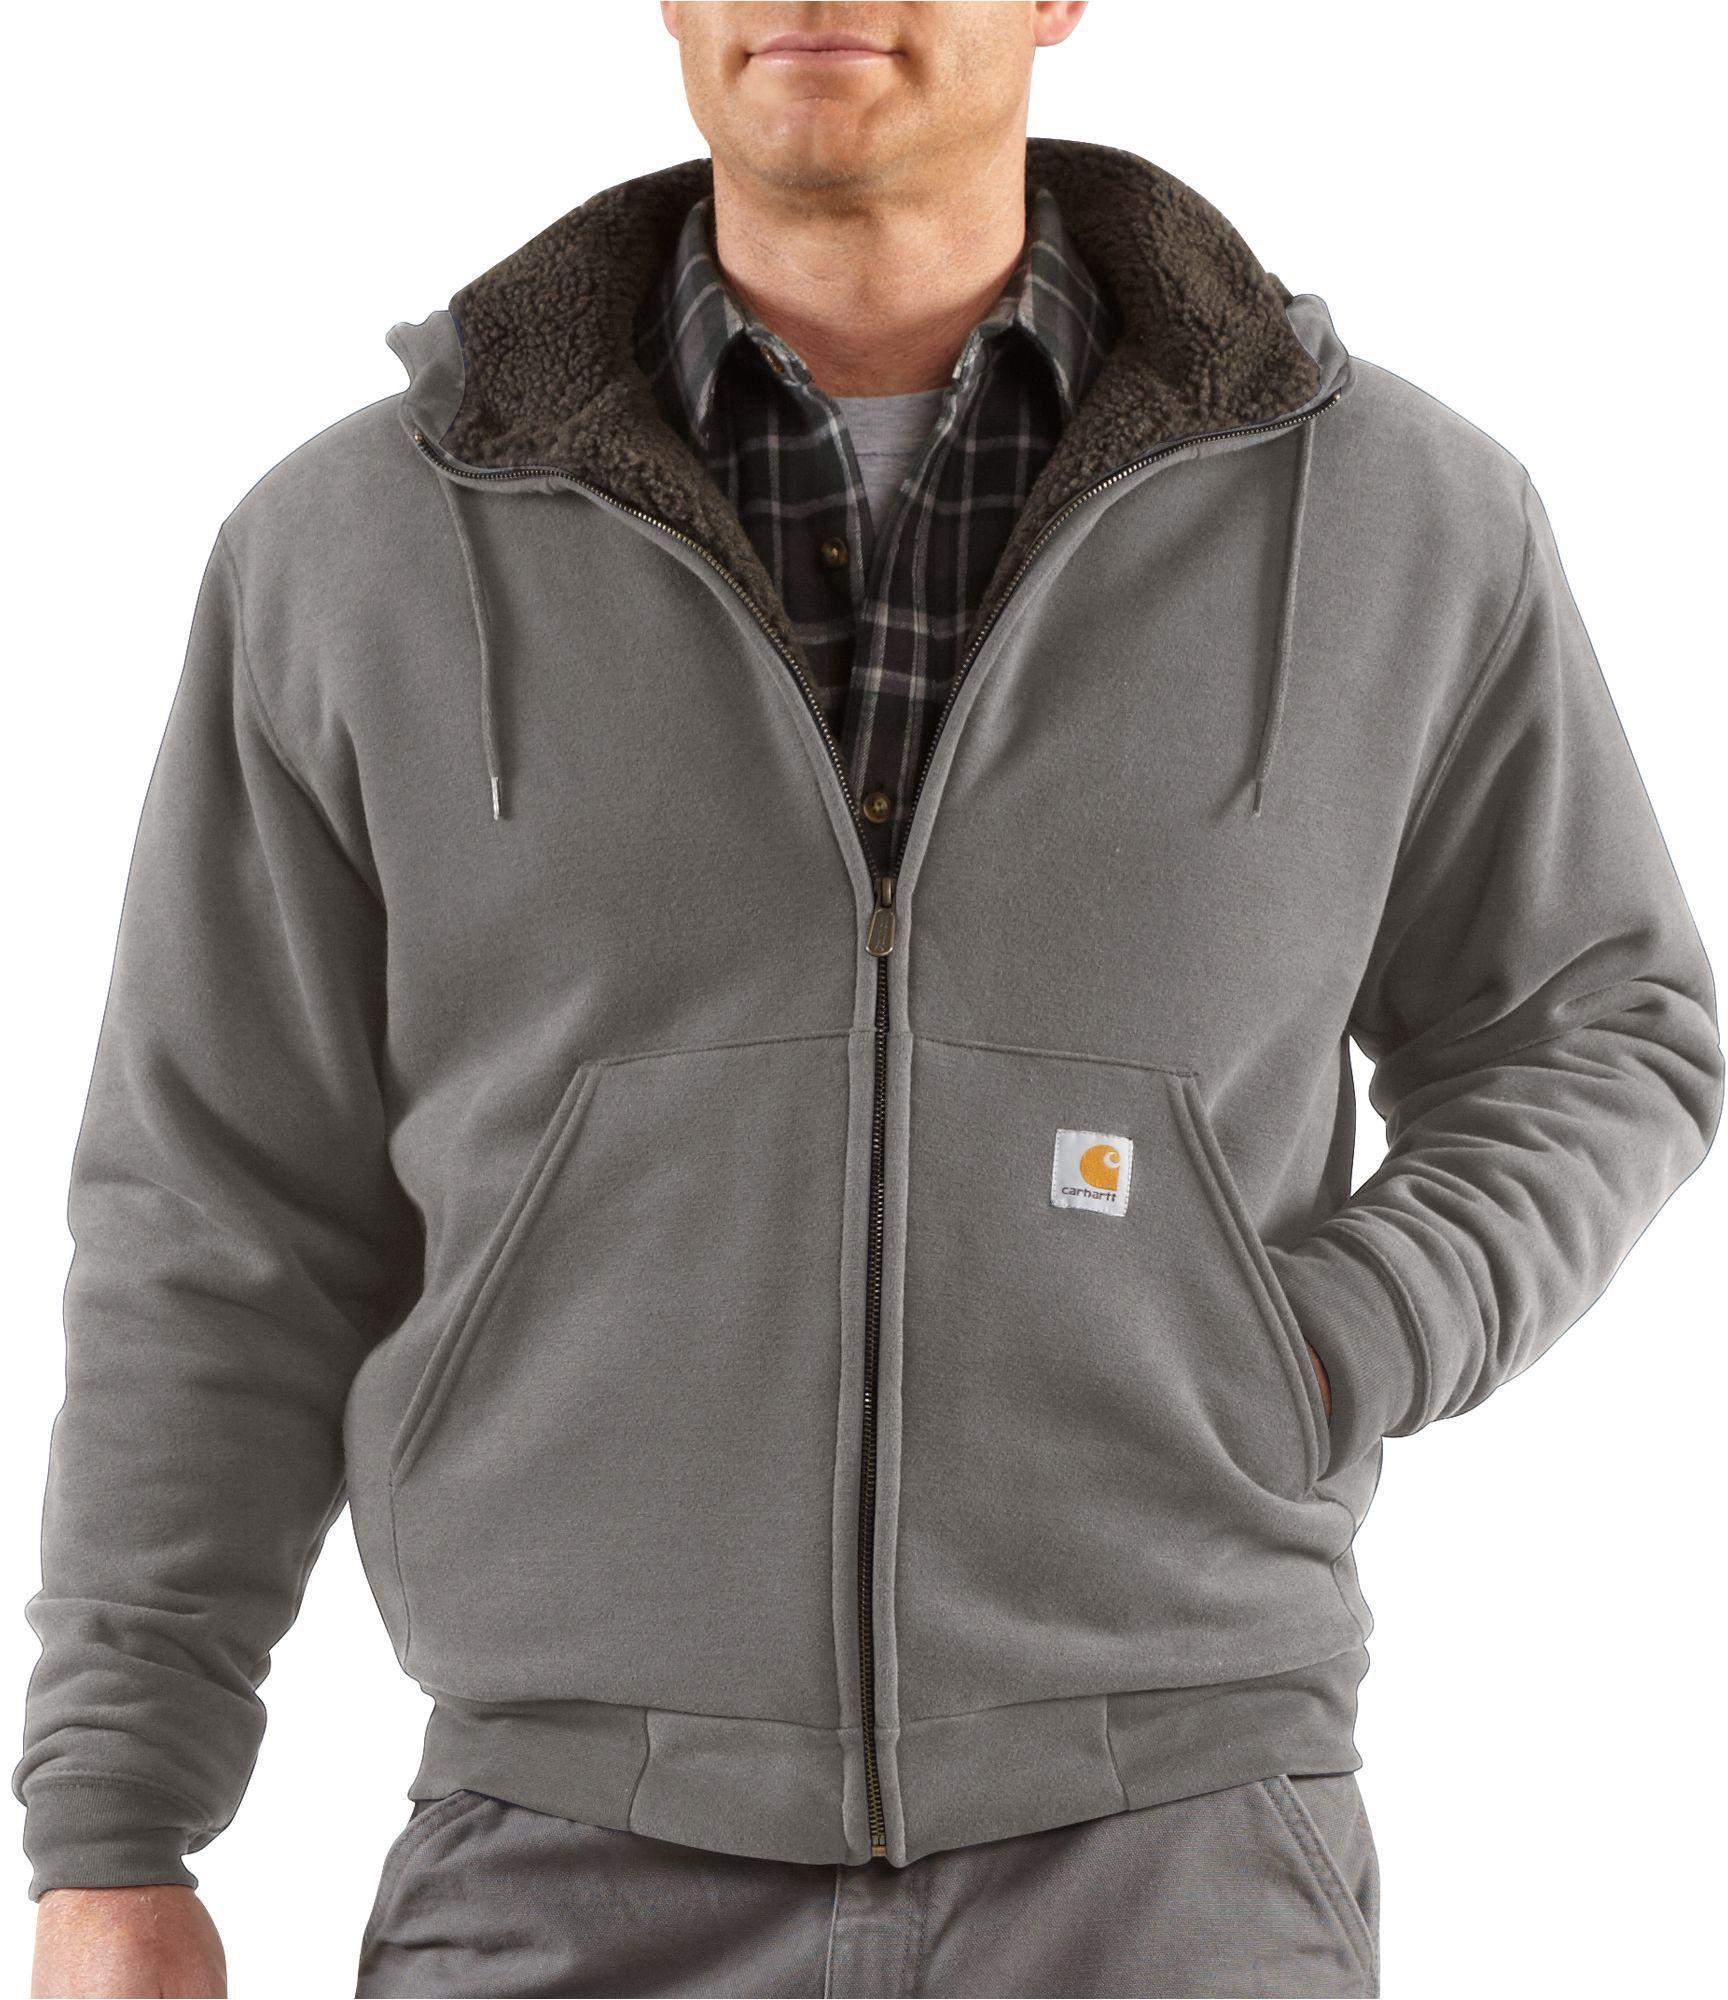 8abcd469c24 Carhartt Men s Brushed Fleece Jacket